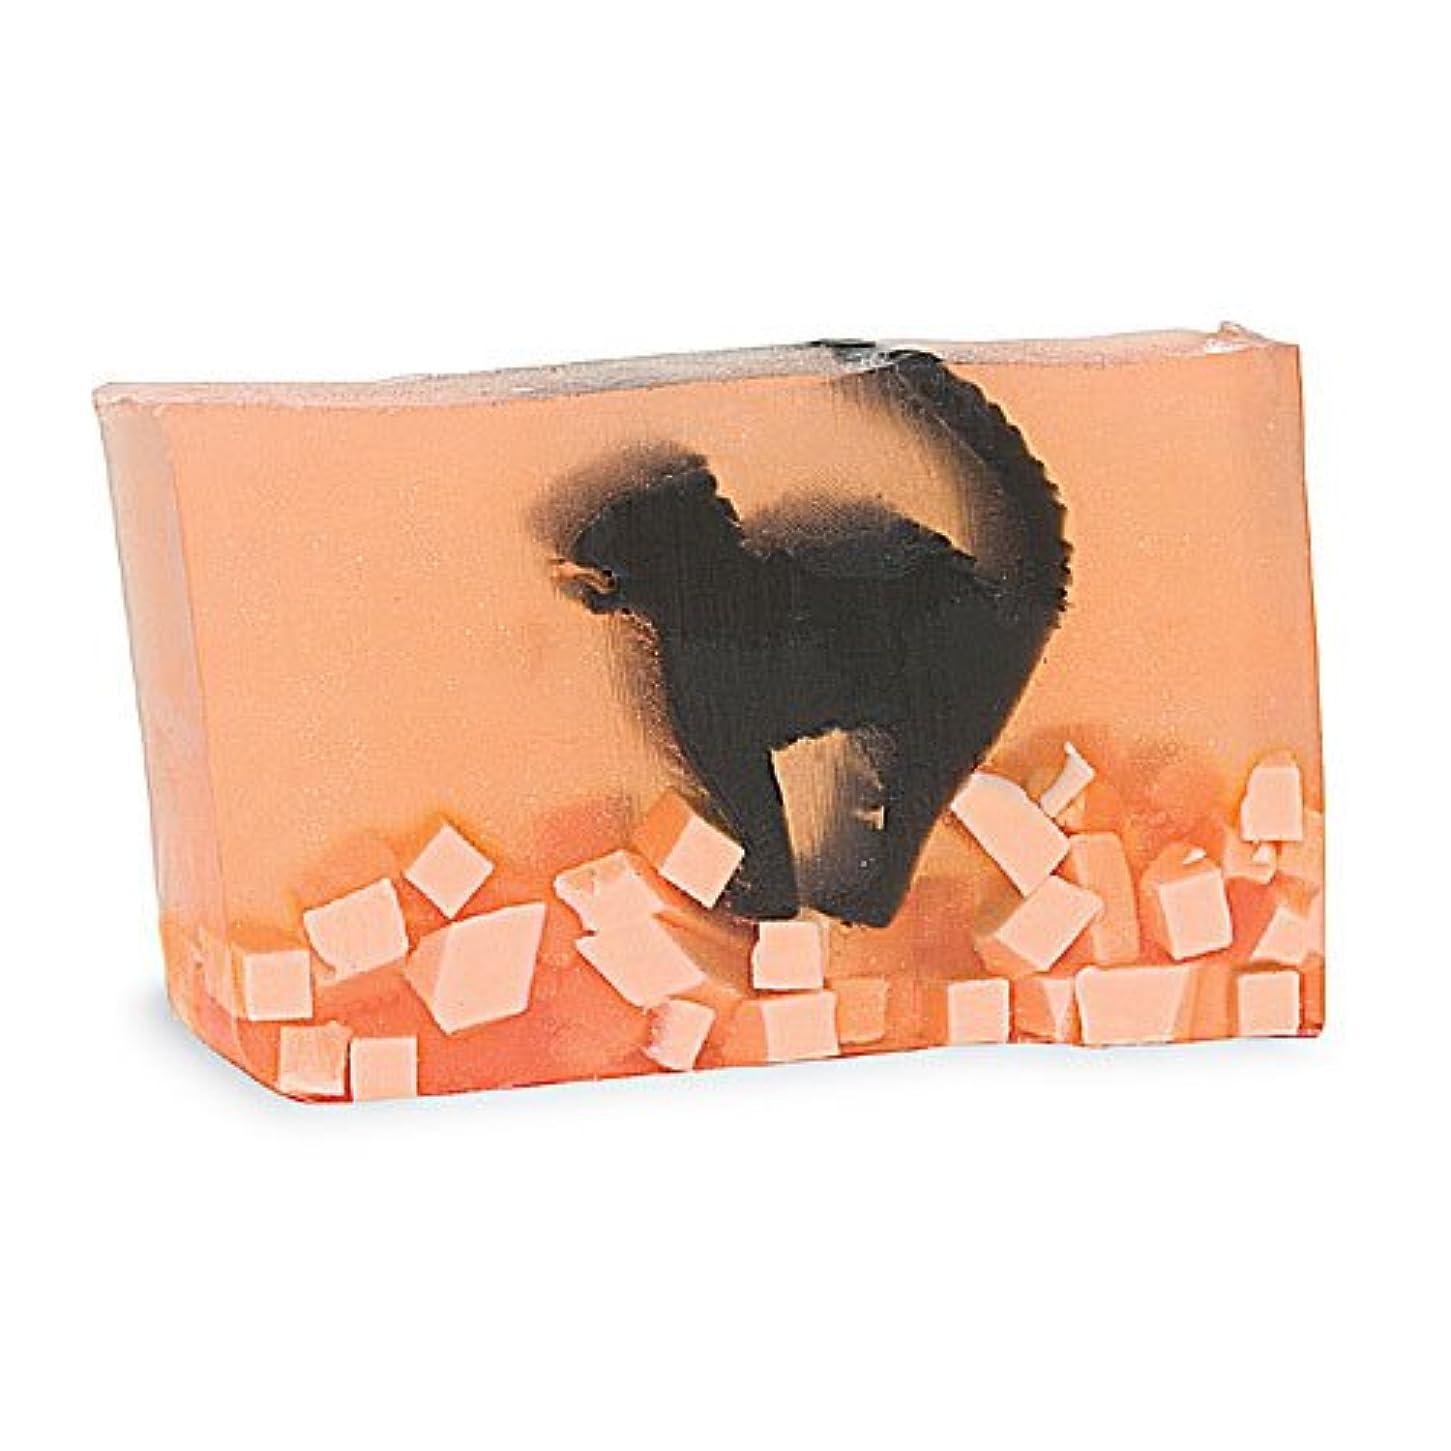 うれしい世界の窓キウイプライモールエレメンツ アロマティック ソープ スケアディキャット 180g ハロウィンにおすすめ植物性のナチュラル石鹸